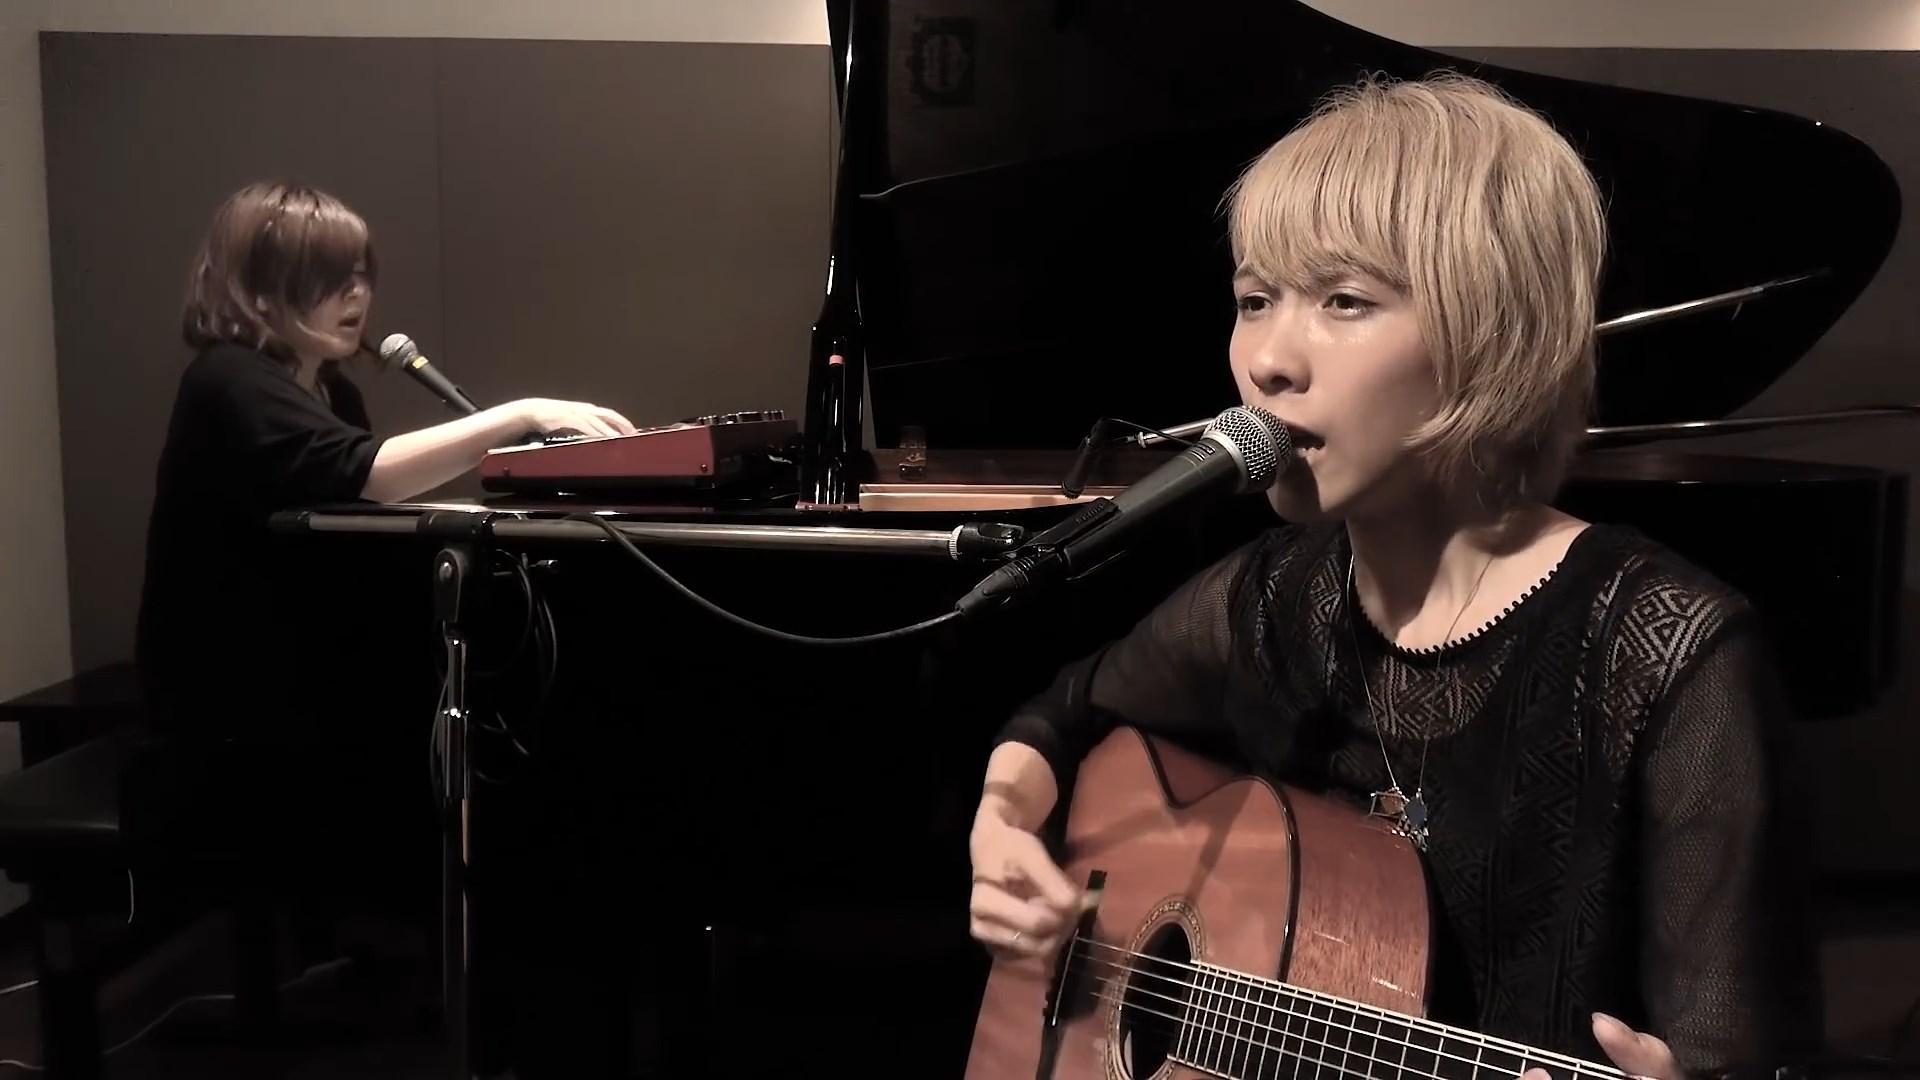 Haruka_to_Miyuki_Kiseki_o_inoru_koto_wa_mō_shinai_Studio_01